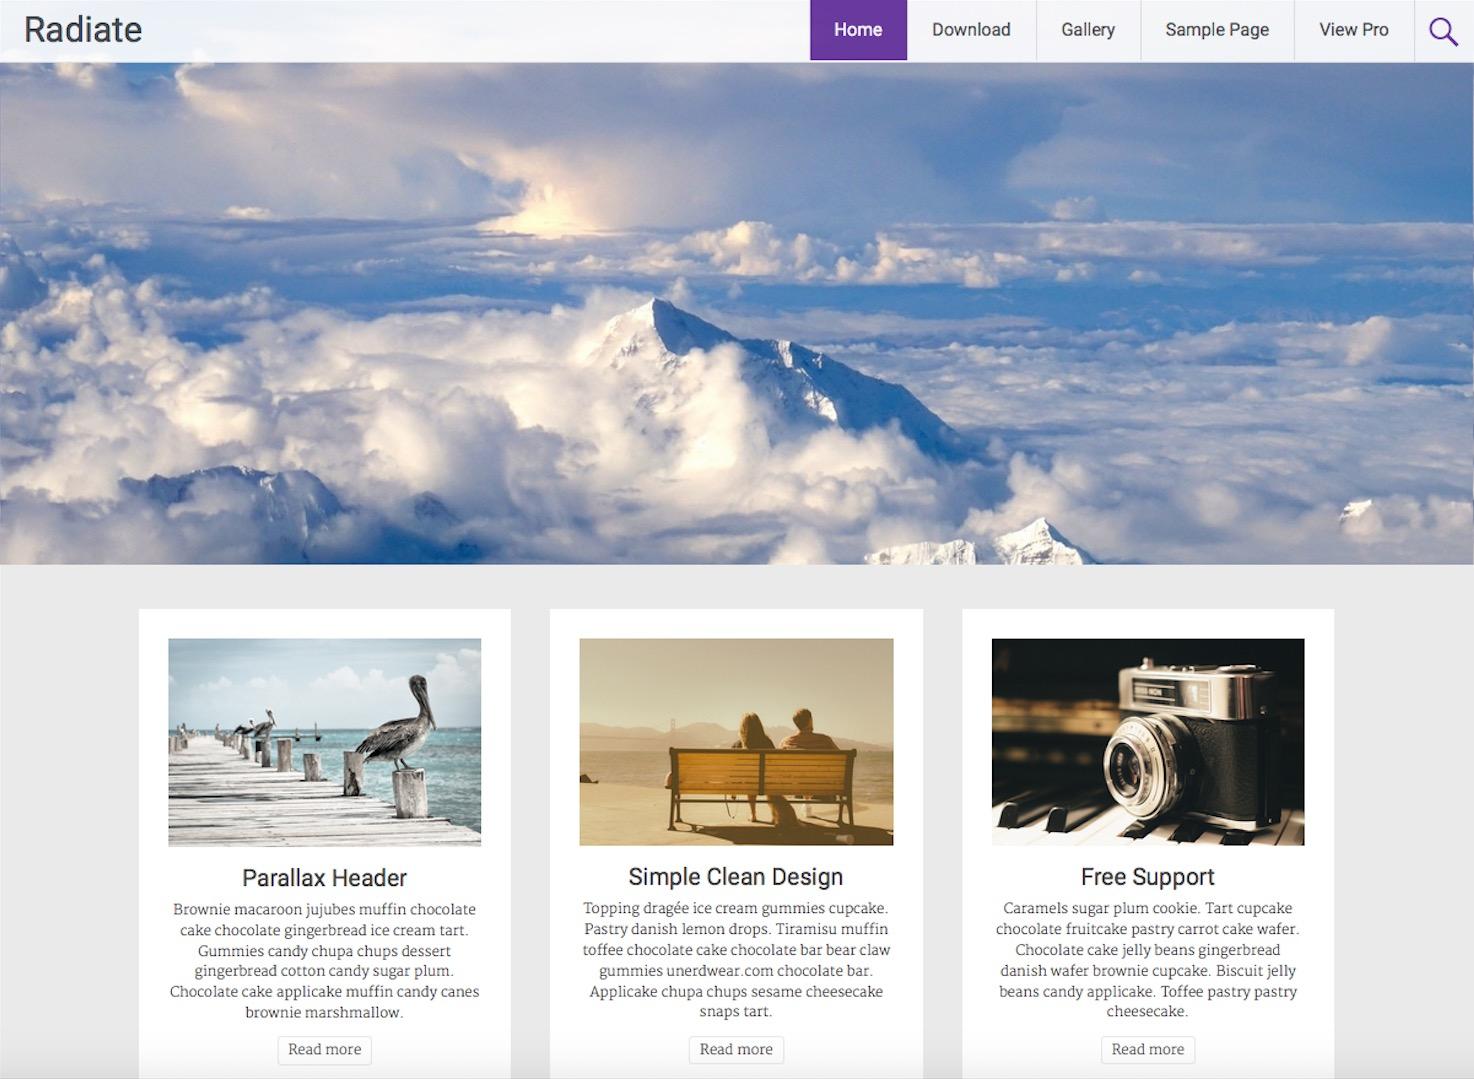 Les secrets et les avantages cachés d'un blog WordPress